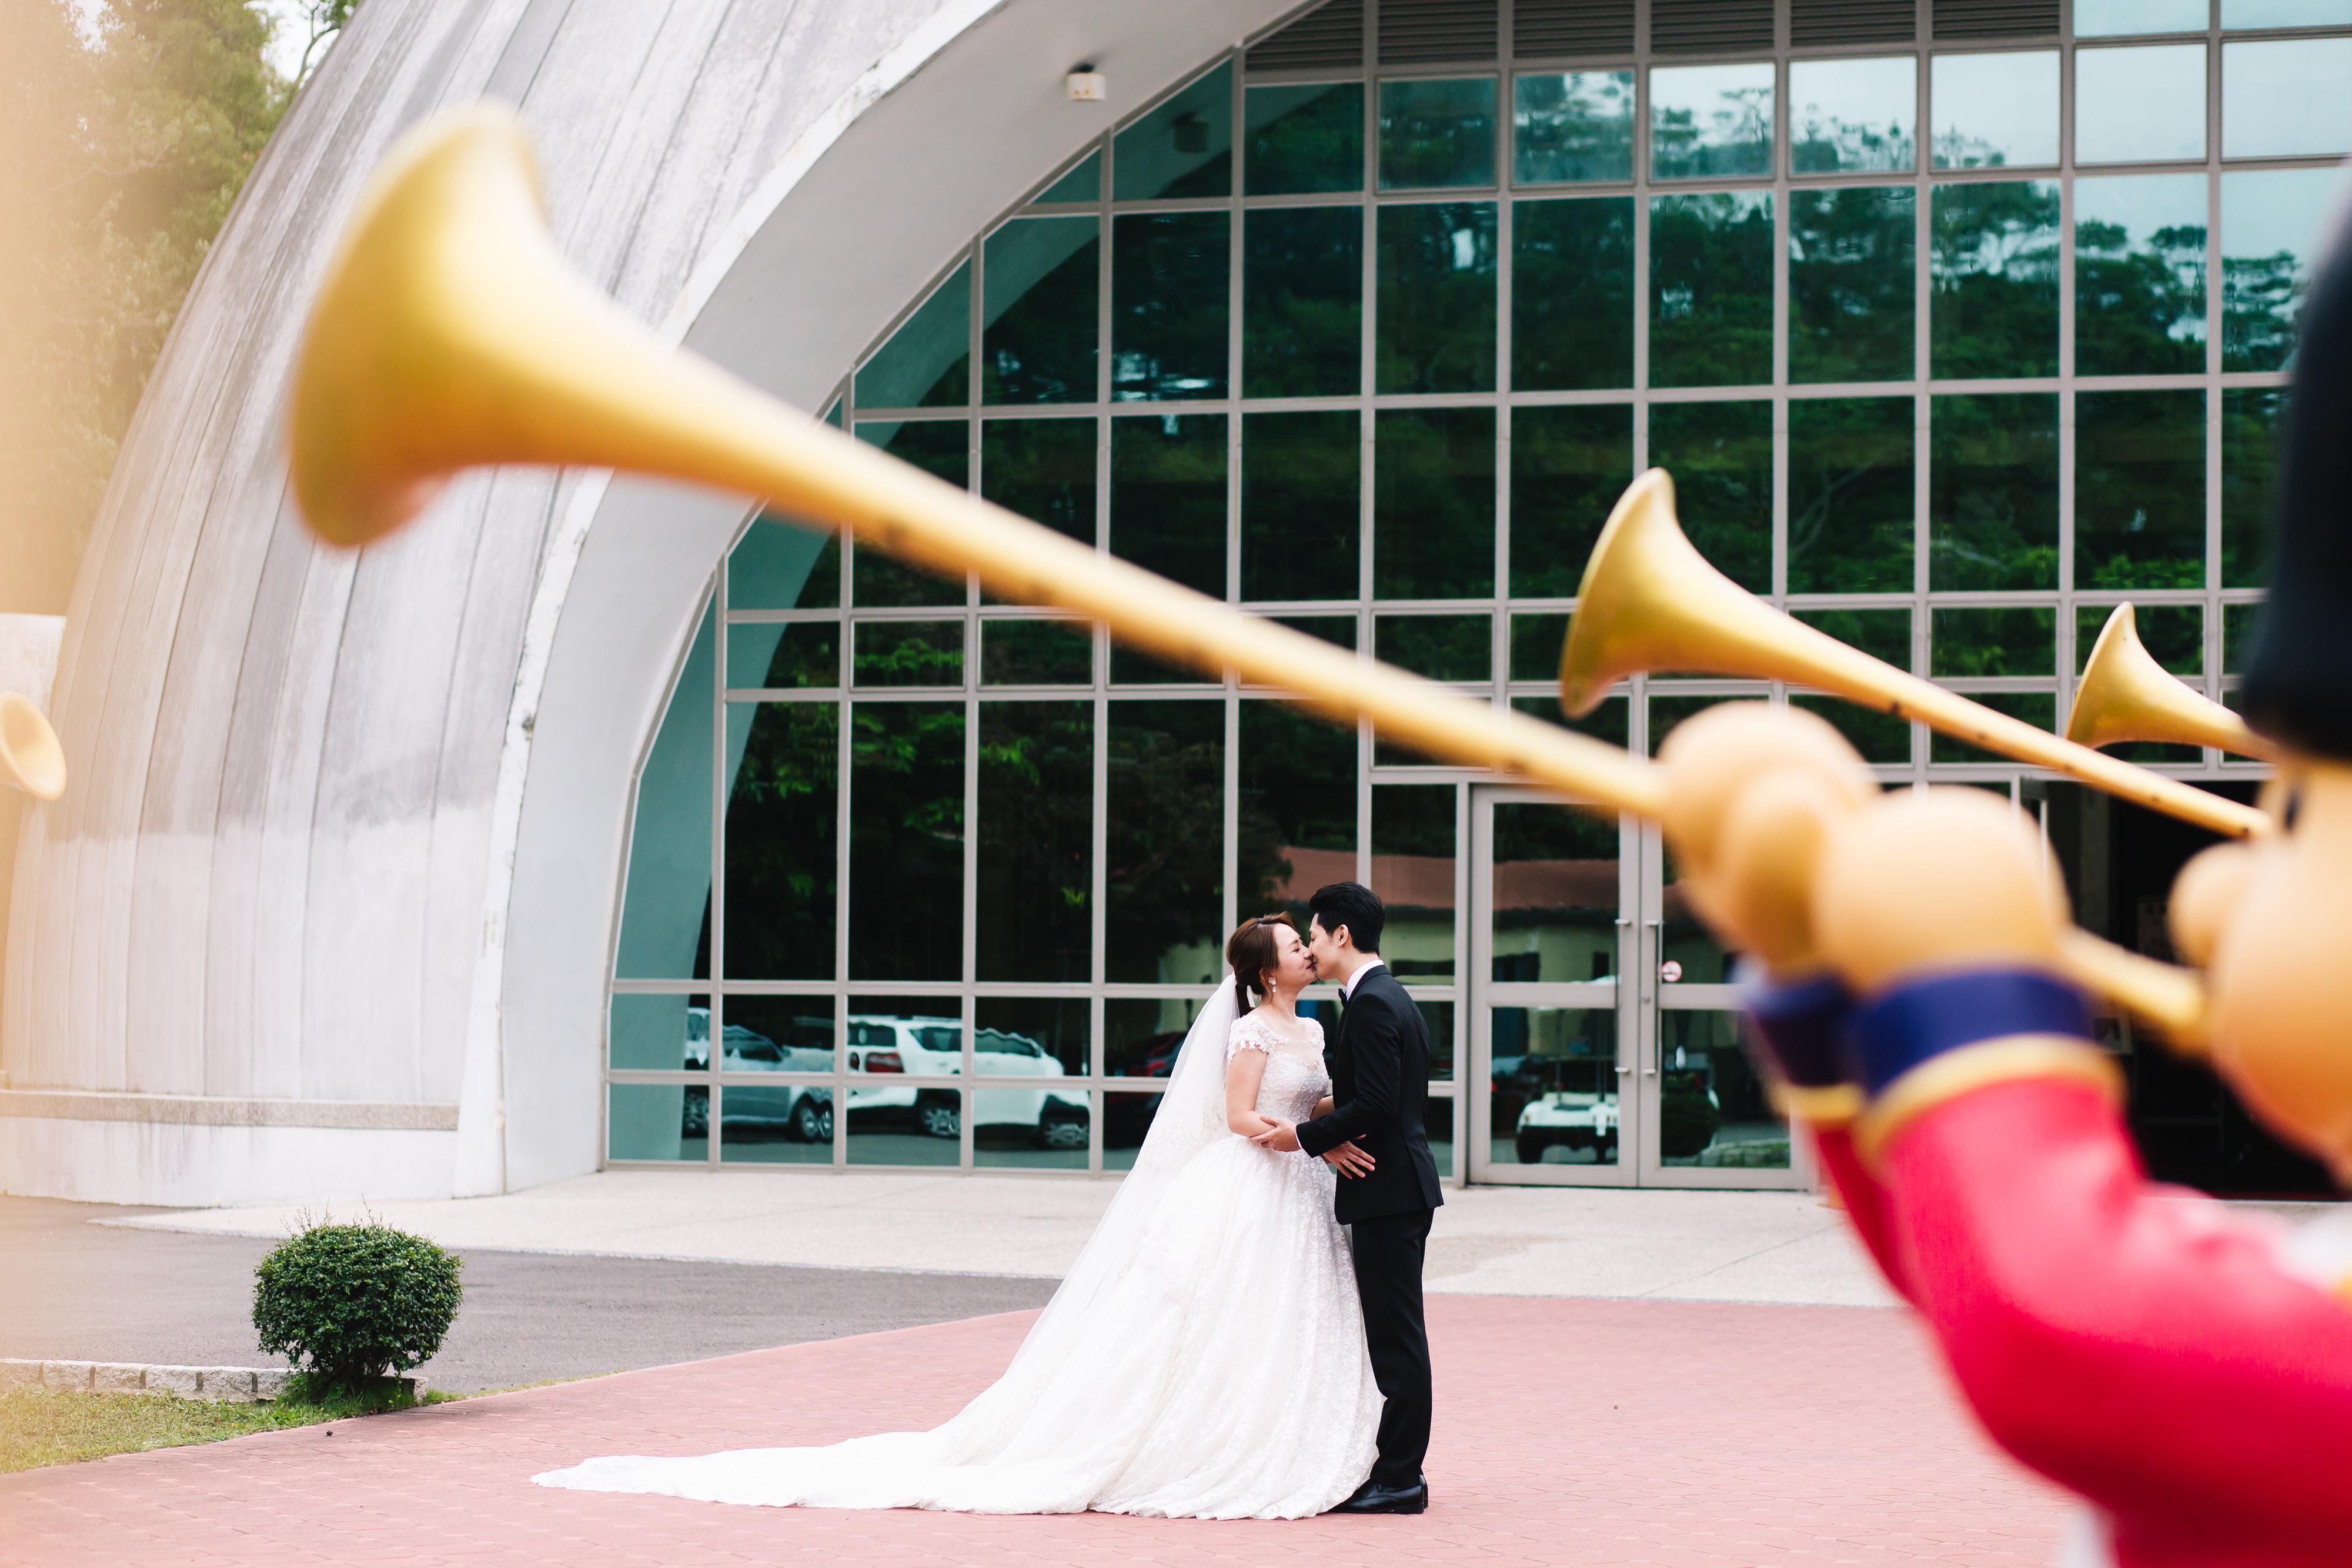 婚攝HK 偉丞+依琳 結婚迎娶 西湖度假村